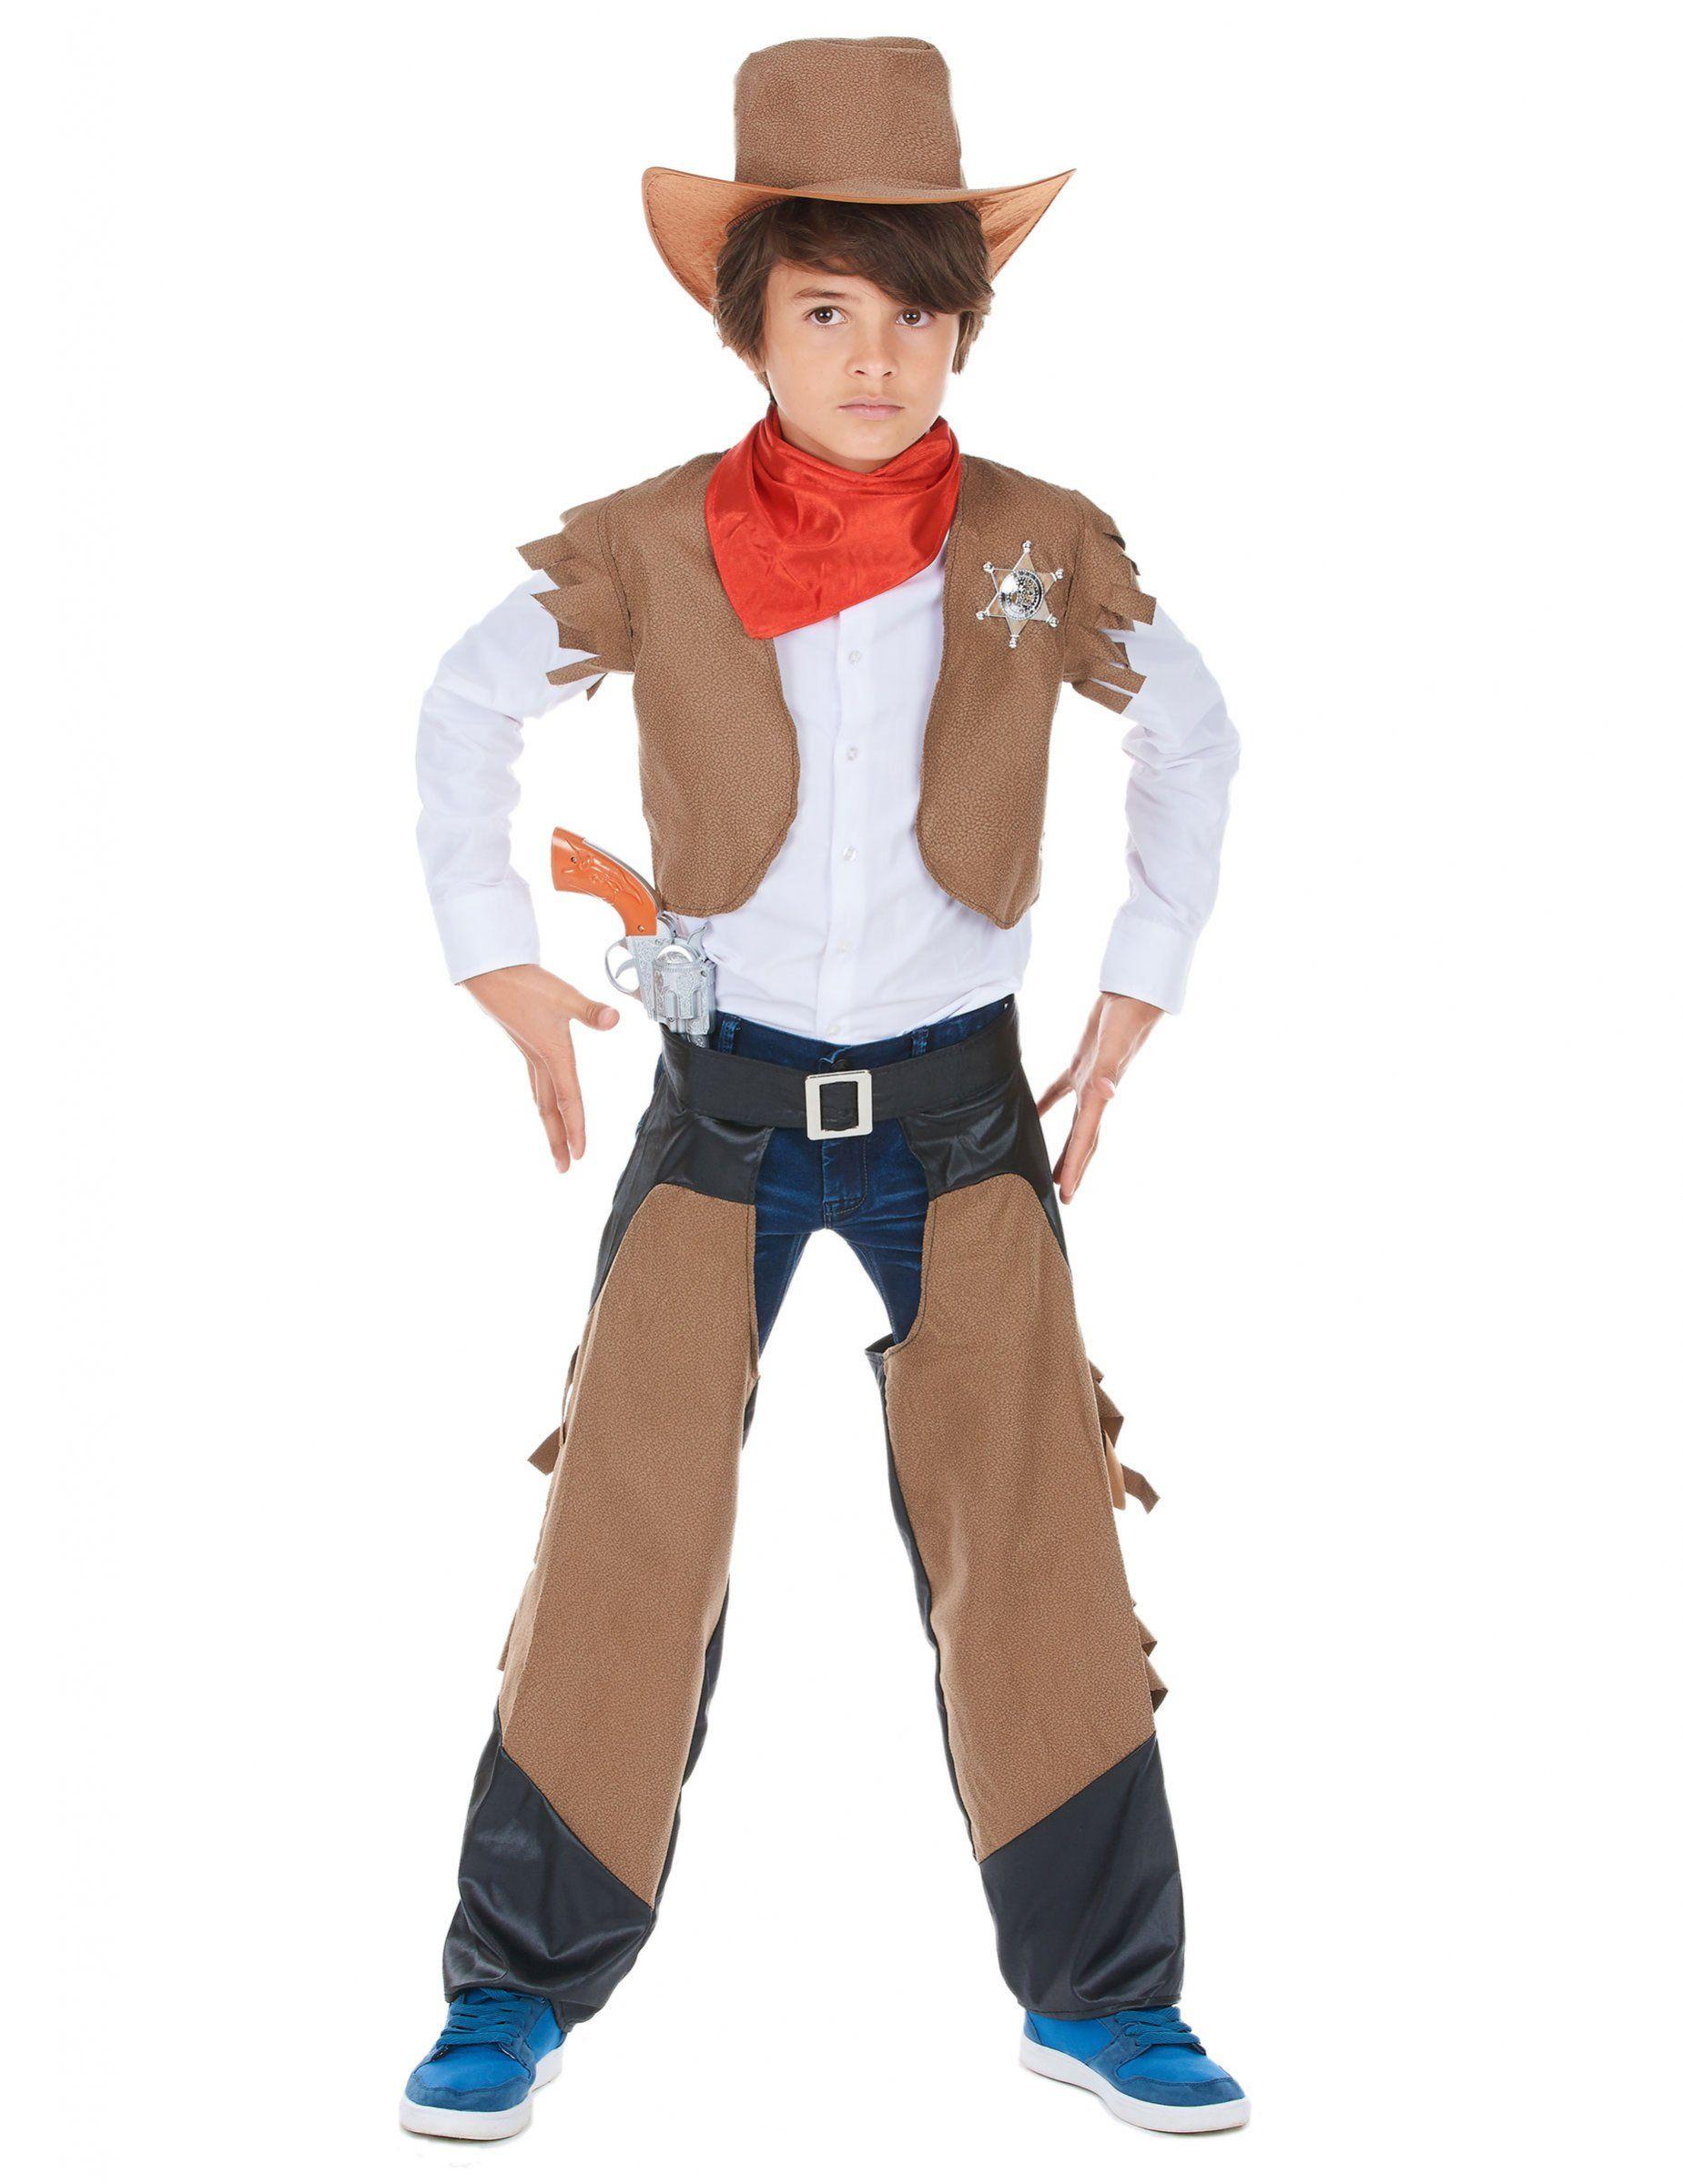 Disfraz de vaquero para niño  este disfraz de vaquero para niño está  compuesto de un 03d6dab0156